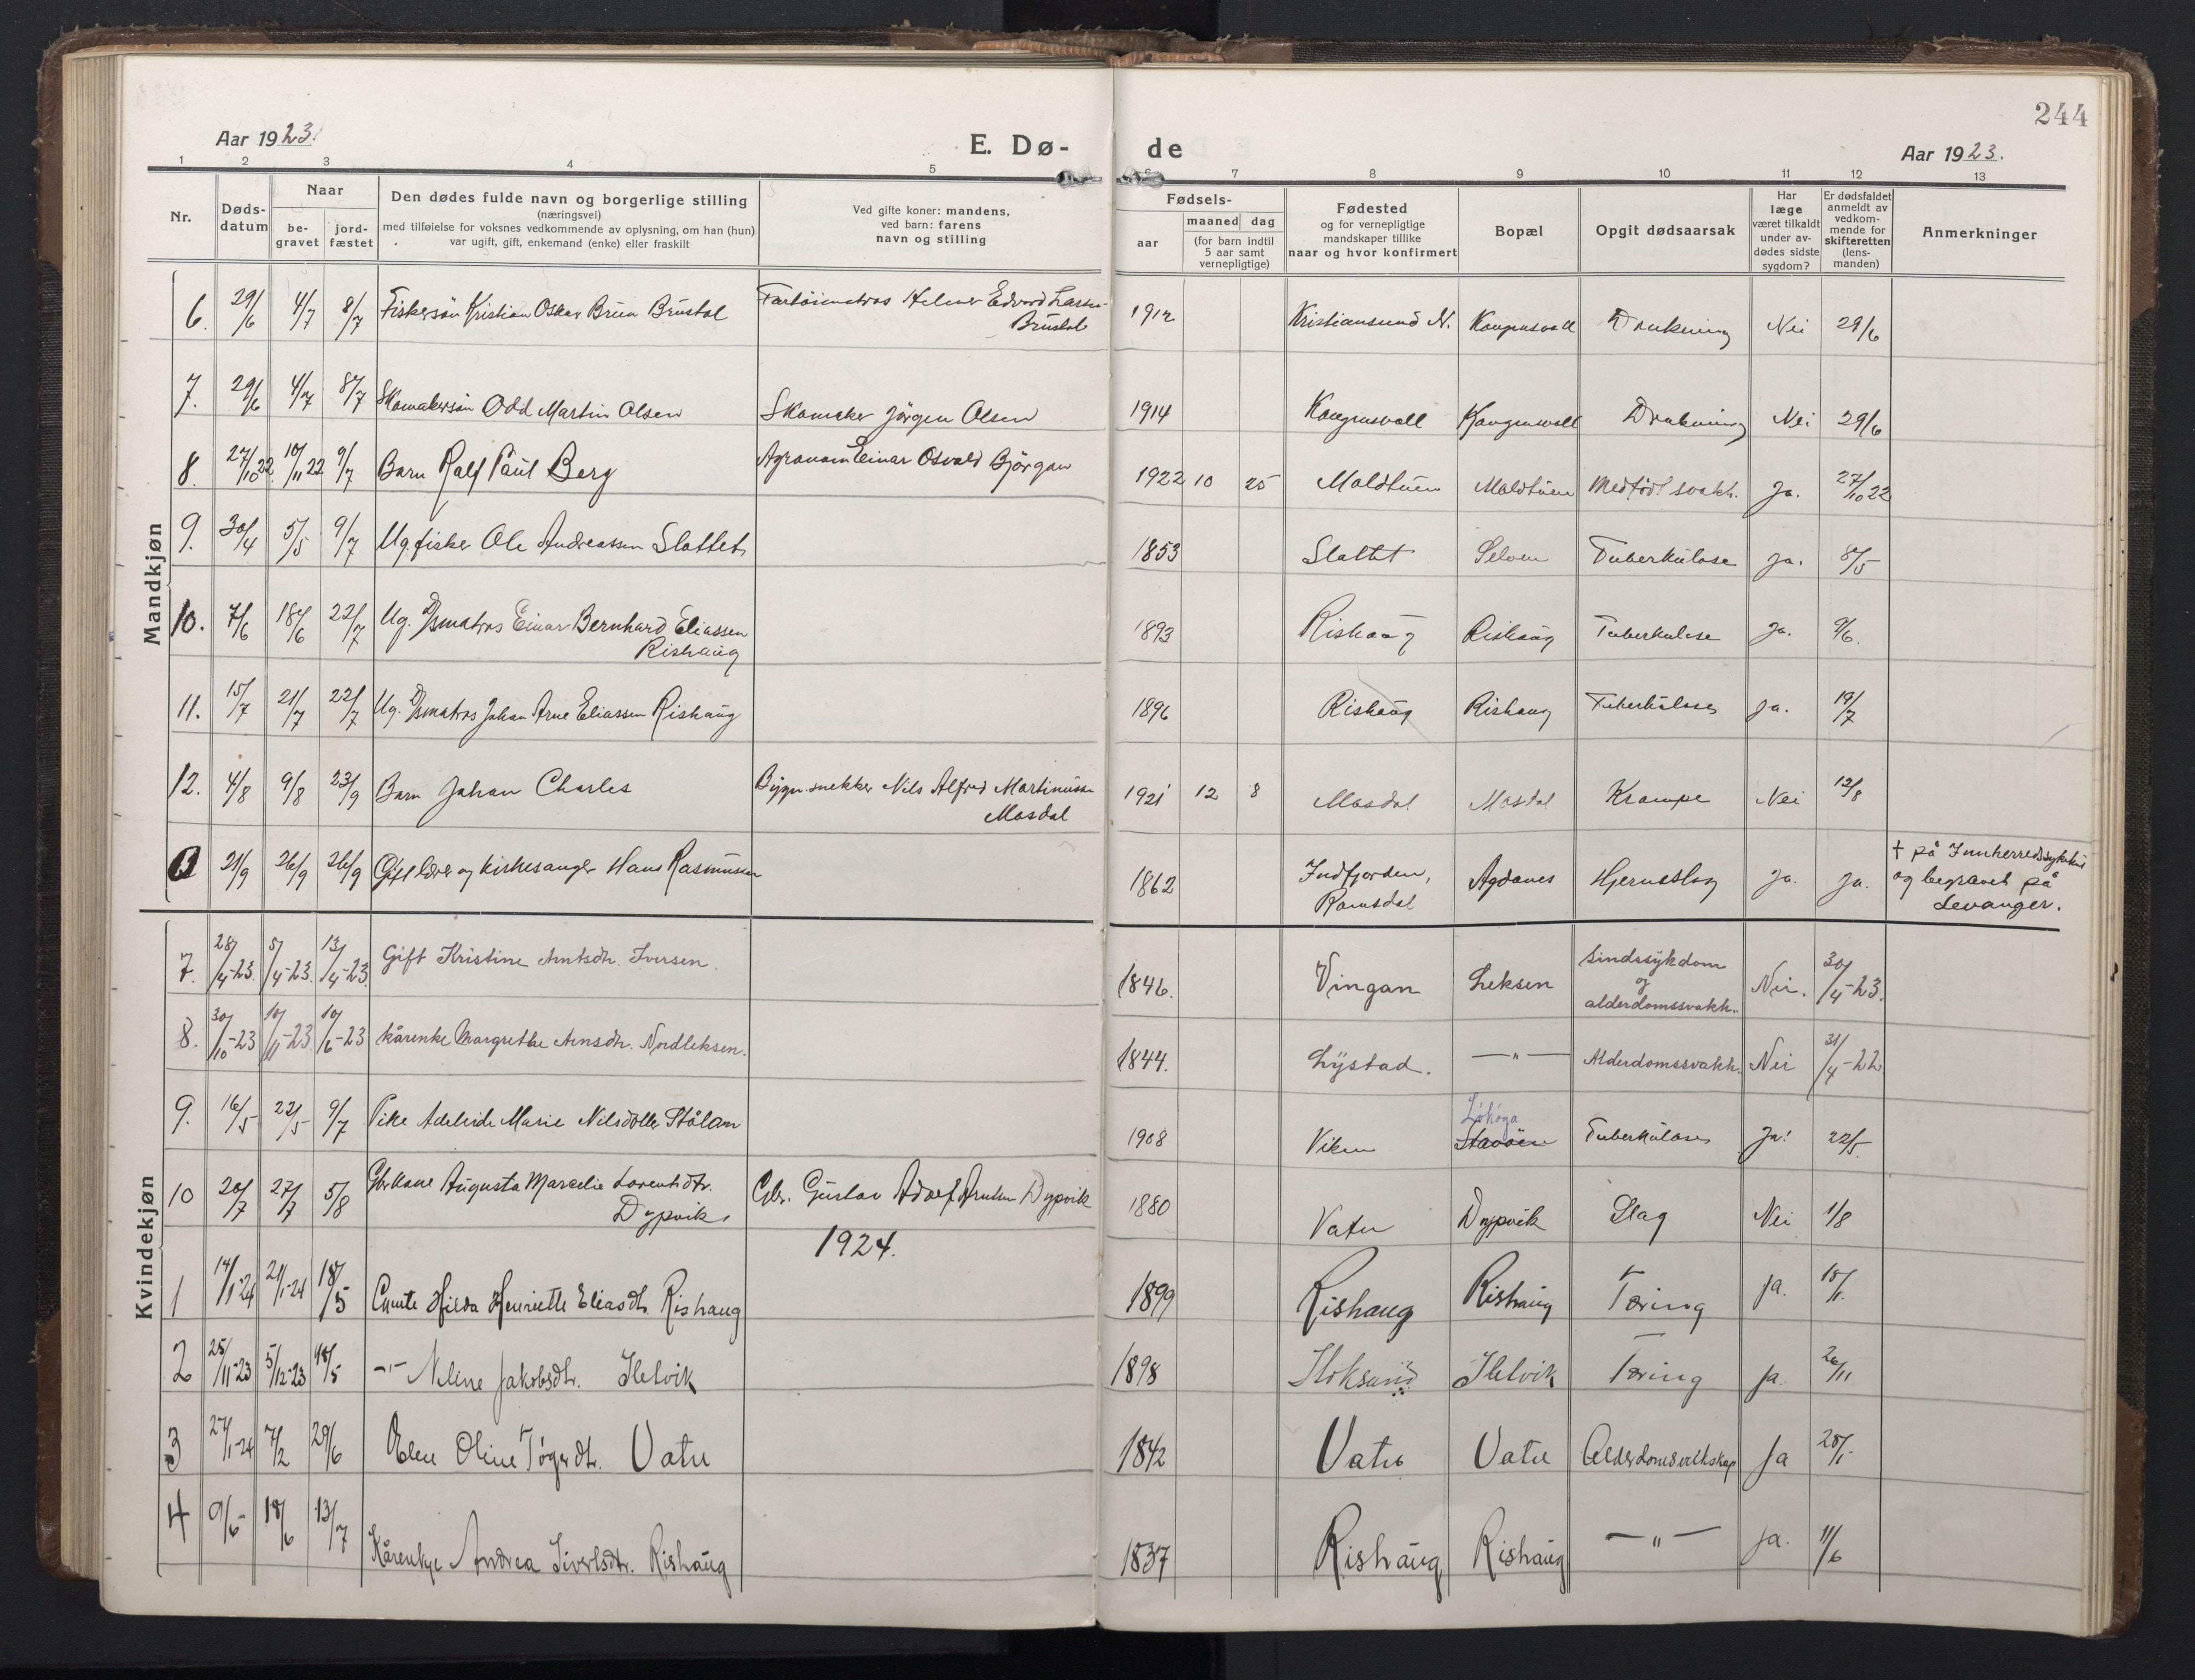 SAT, Ministerialprotokoller, klokkerbøker og fødselsregistre - Sør-Trøndelag, 662/L0758: Klokkerbok nr. 662C03, 1918-1948, s. 244